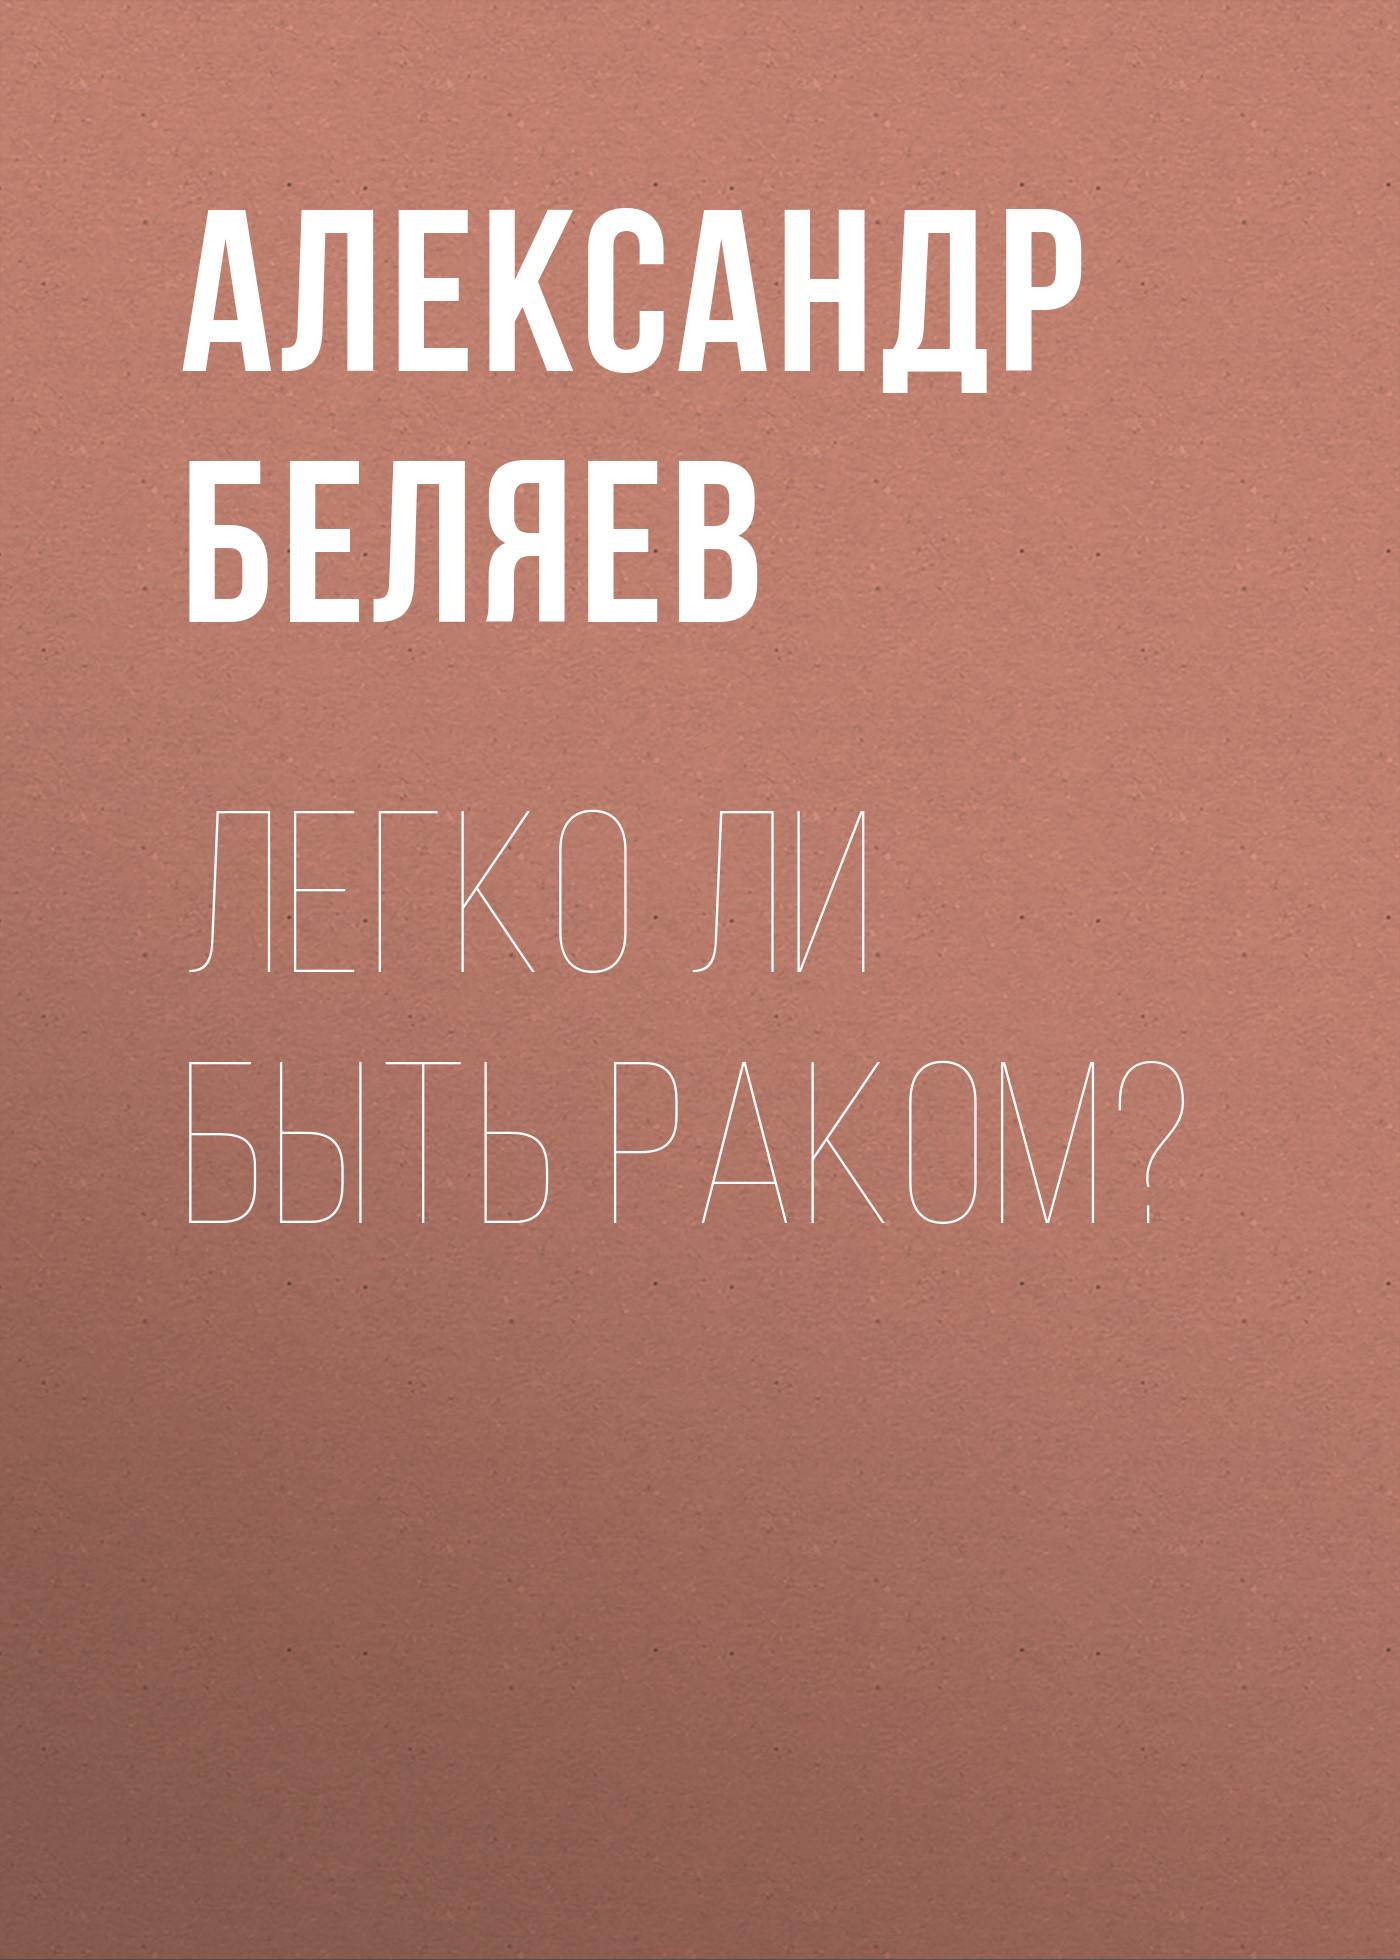 Александр Беляев Легко ли быть раком? александр горбунов 54000$ в час или как инвестировать в bitcoin